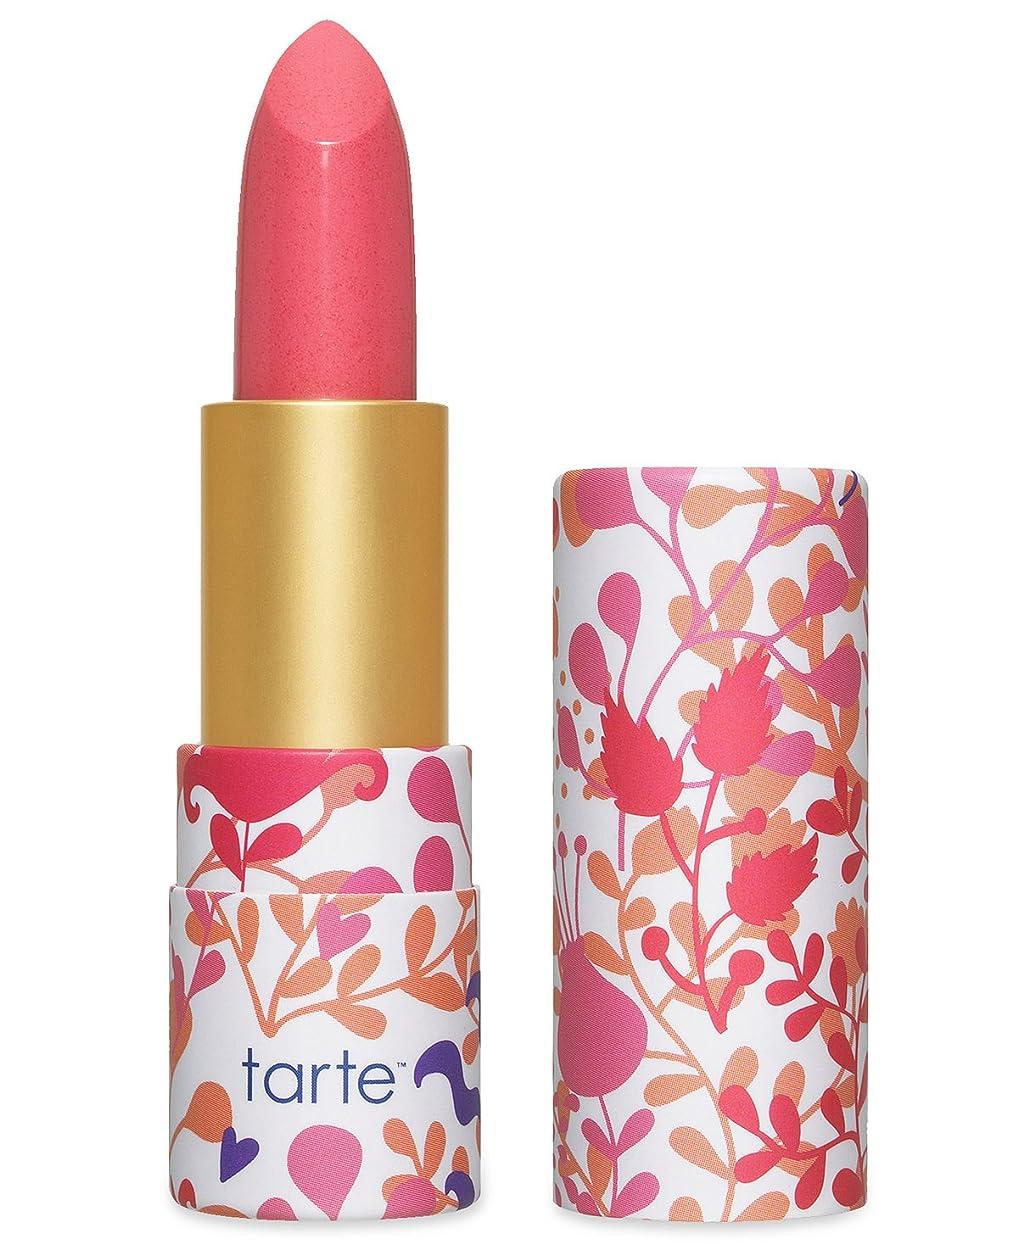 あそこ空中失態Tarte Amazonian Butter Lipstick ターテ アマゾニアン バターリップステック Pink Peony [並行輸入品]